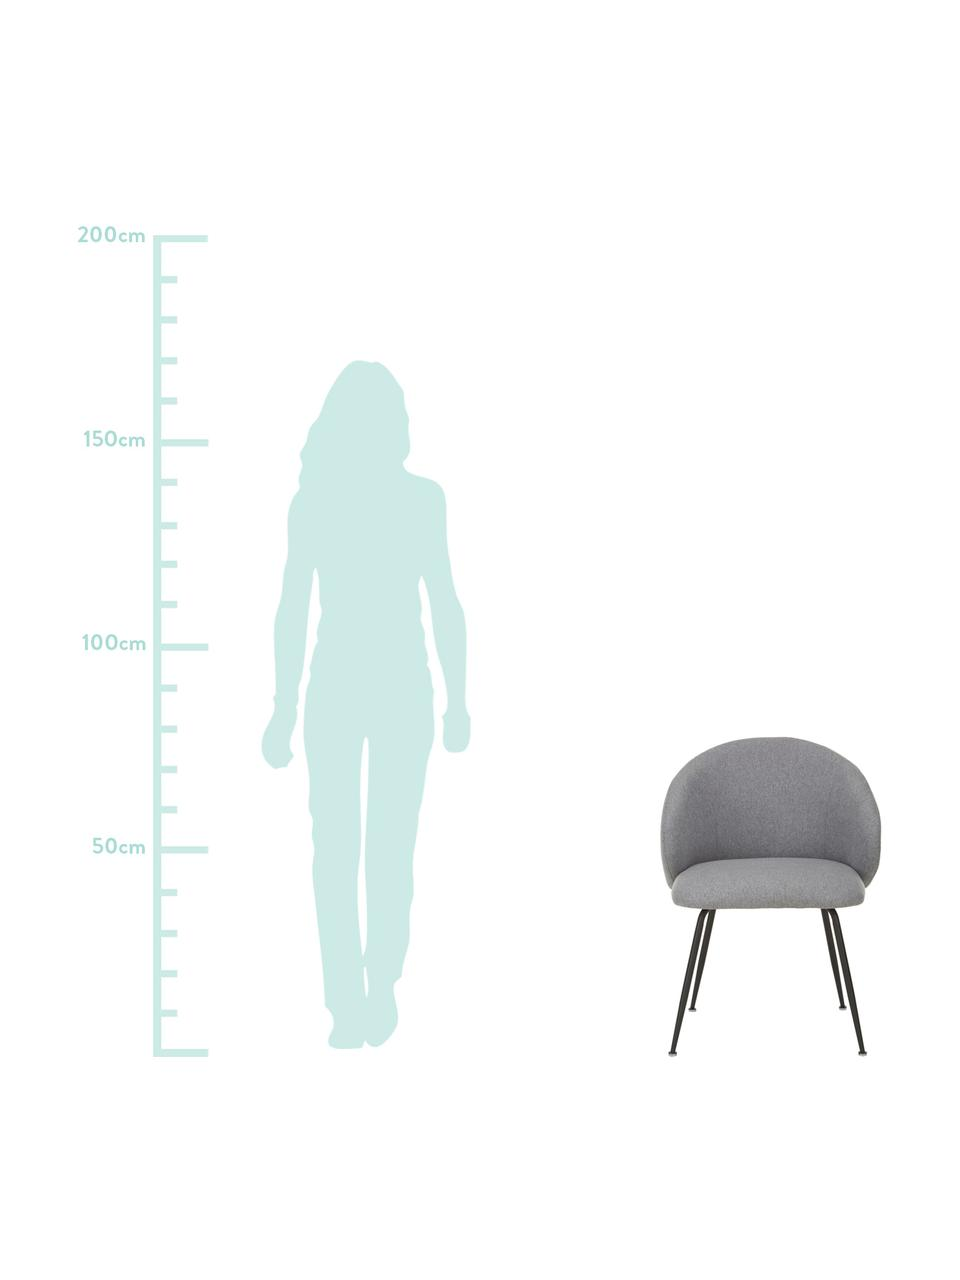 Krzesło tapicerowane Luisa, 2 szt., Tapicerka: 100% poliester Dzięki tka, Nogi: metal malowany proszkowo, Szary, czarny, S 59 x G 58 cm